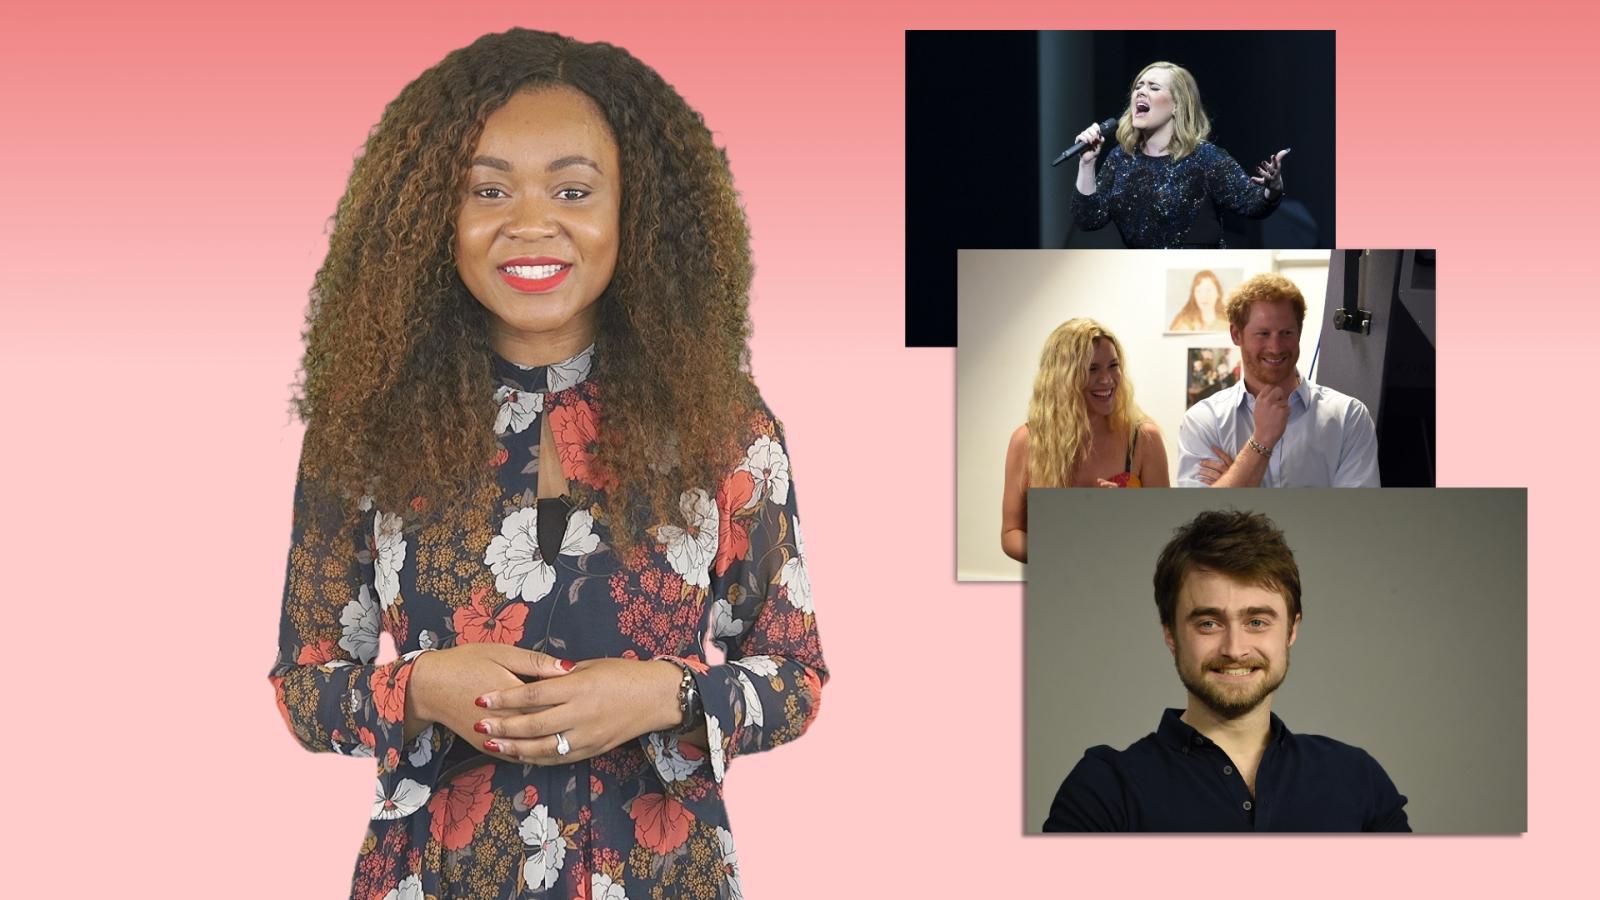 A-List Insider: Adele set for number one after Glastonbury set, Daniel Radcliffe open to Harry Potter return